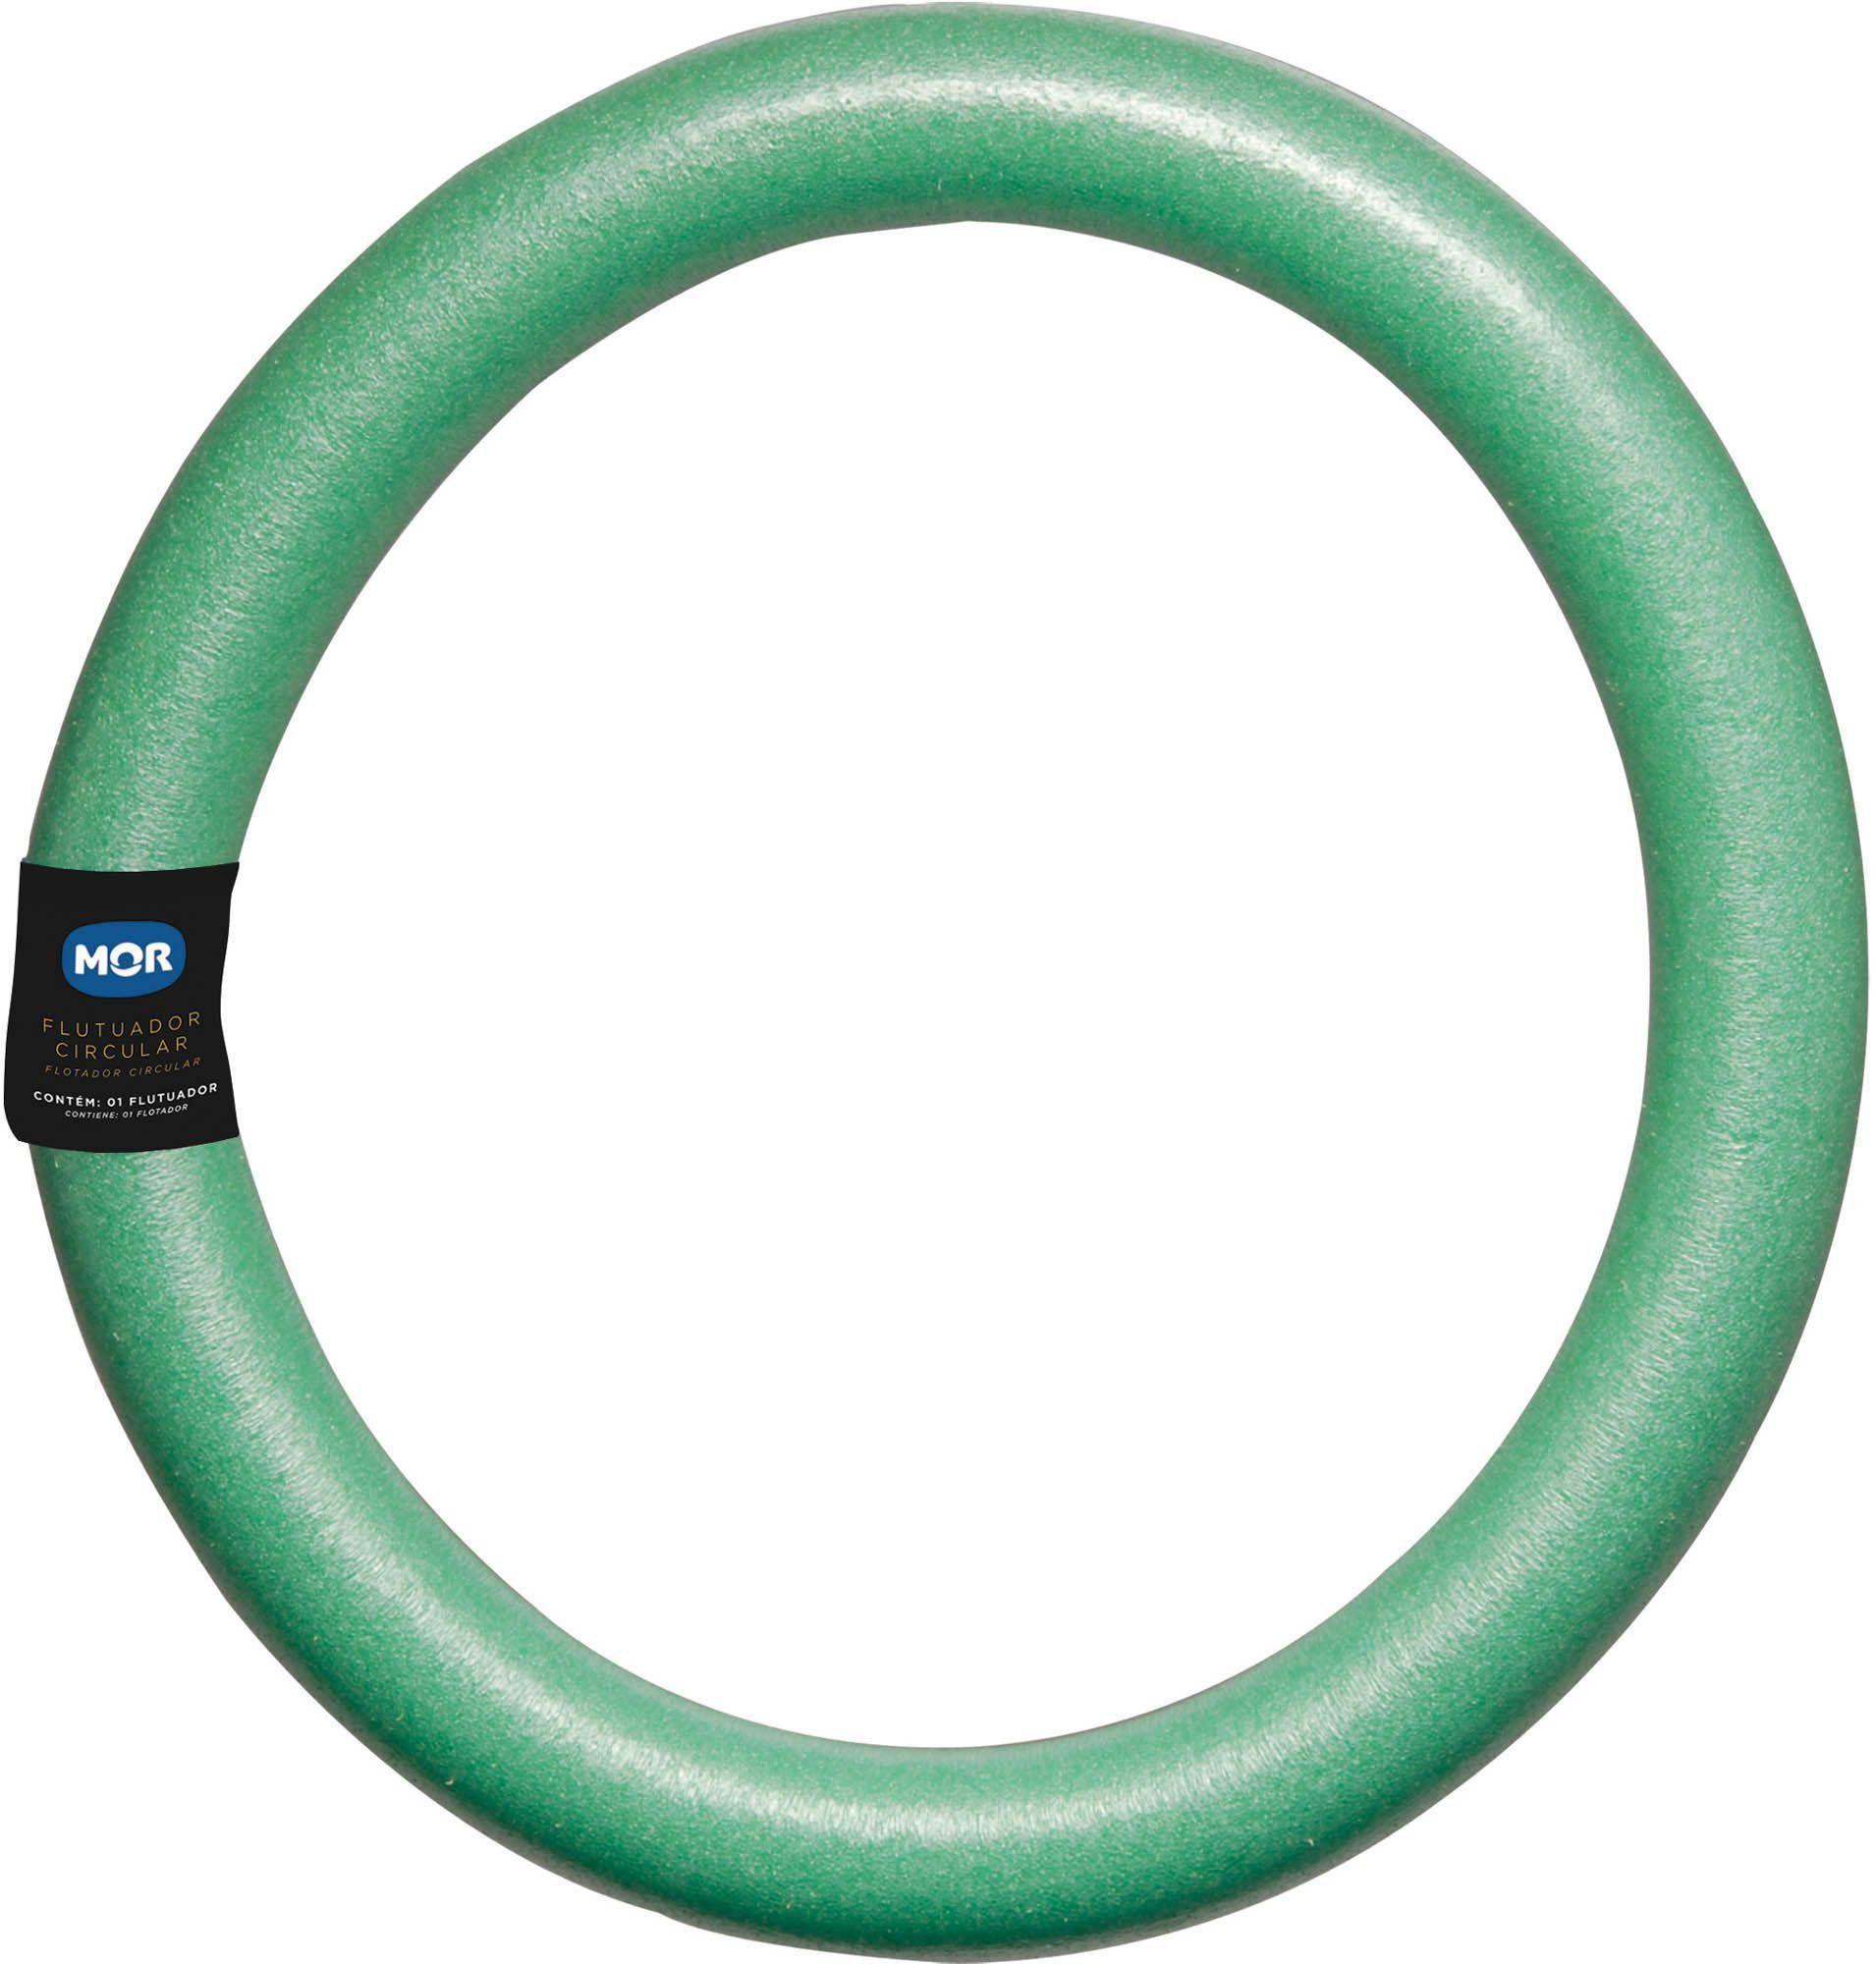 Flutuador Circular (57cm de Diametro) - Mor